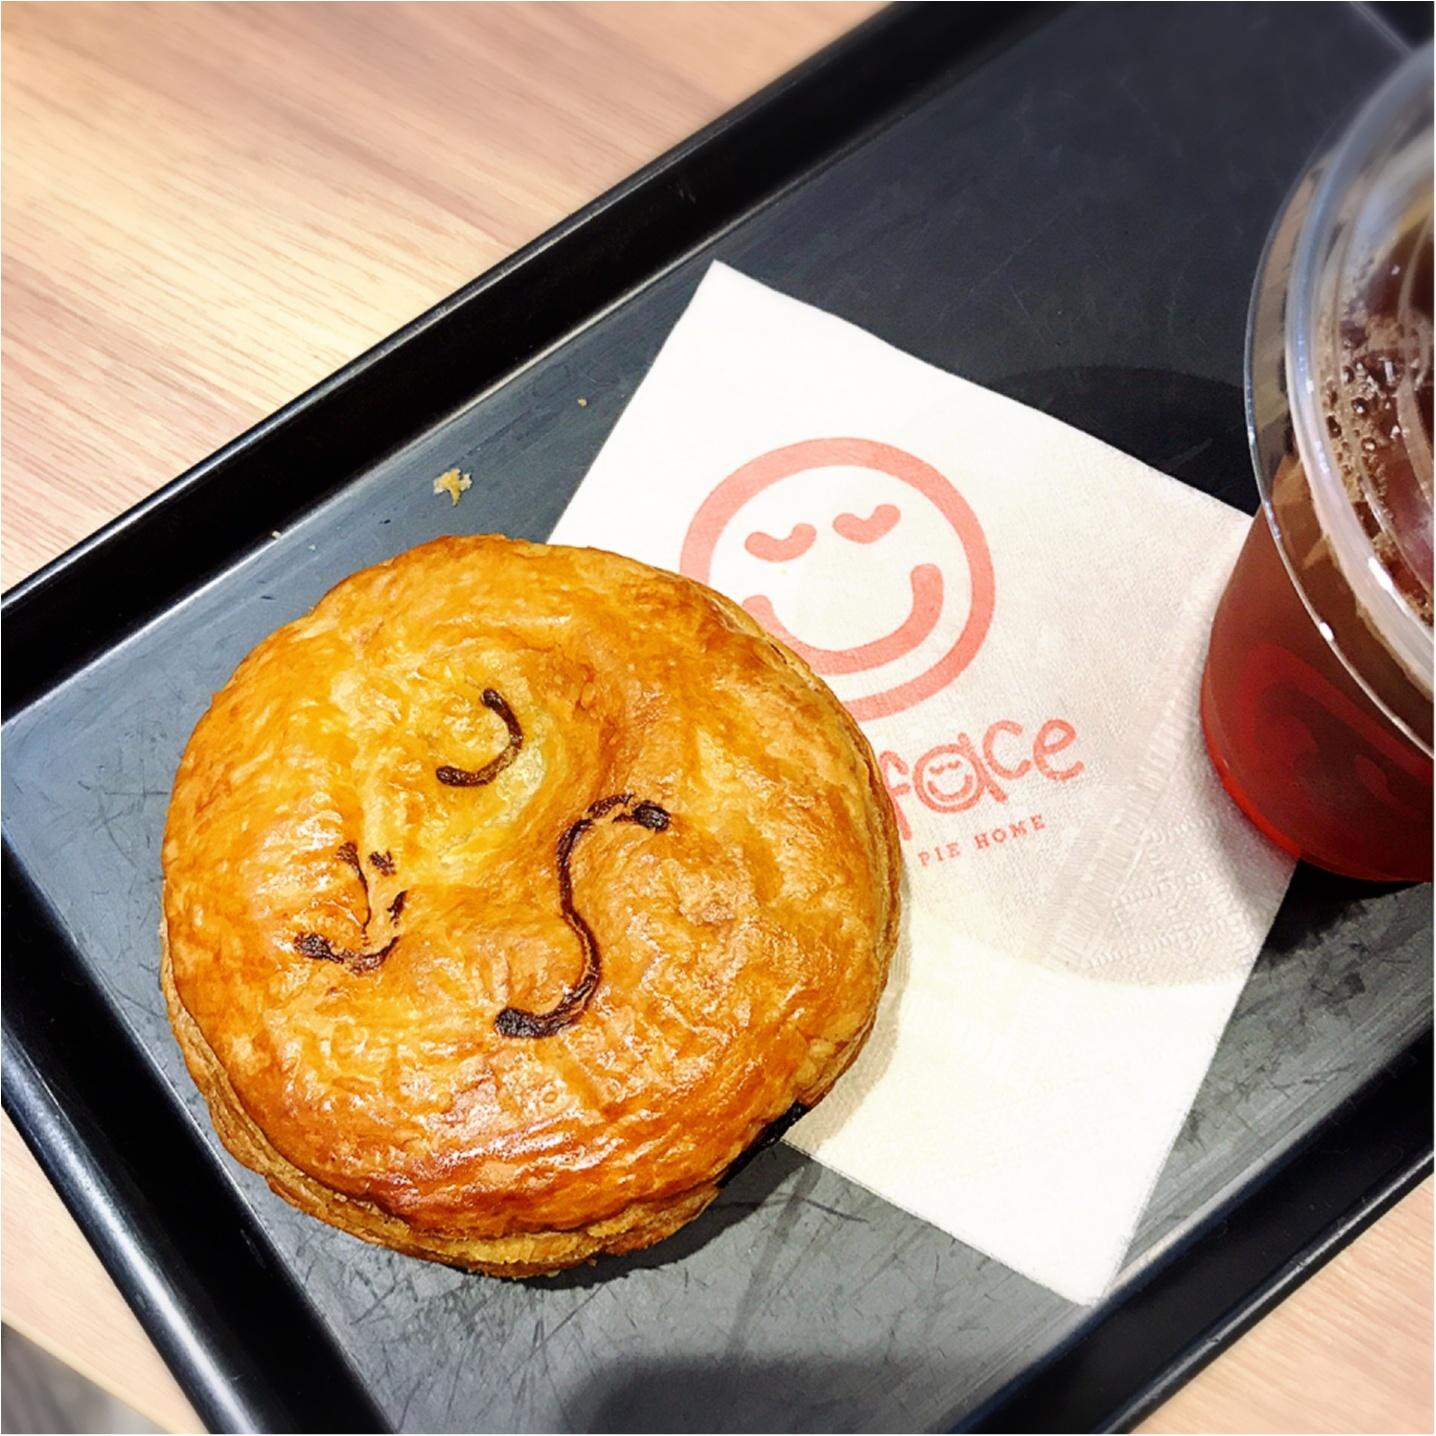 ★食べるのがもったいない⁉︎『Pie face』のにっこりパイが美味しくて可愛すぎる★_3